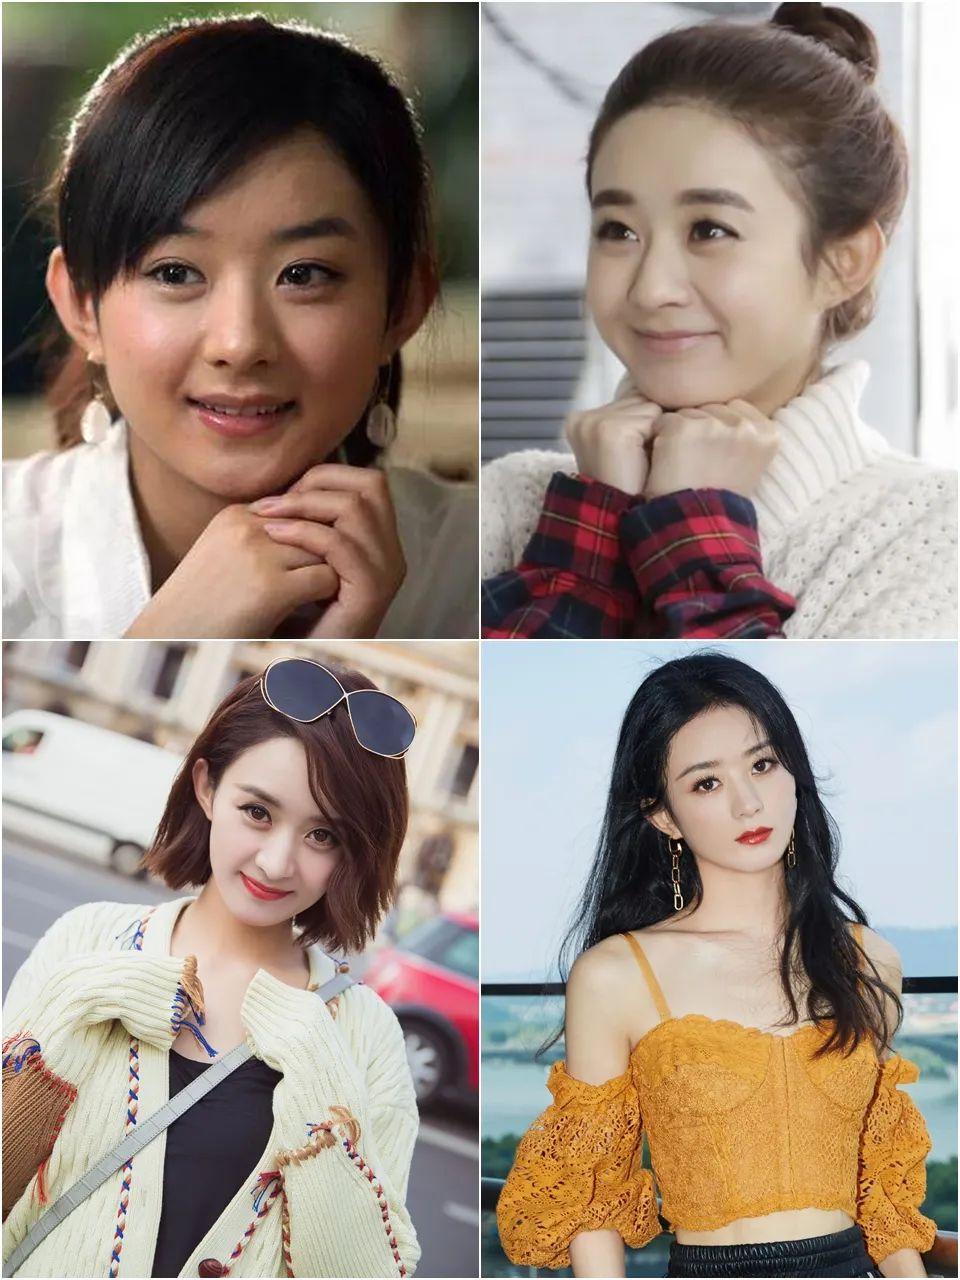 都说赵丽颖、杨采钰美了好多,我总结了8条她们的变美经